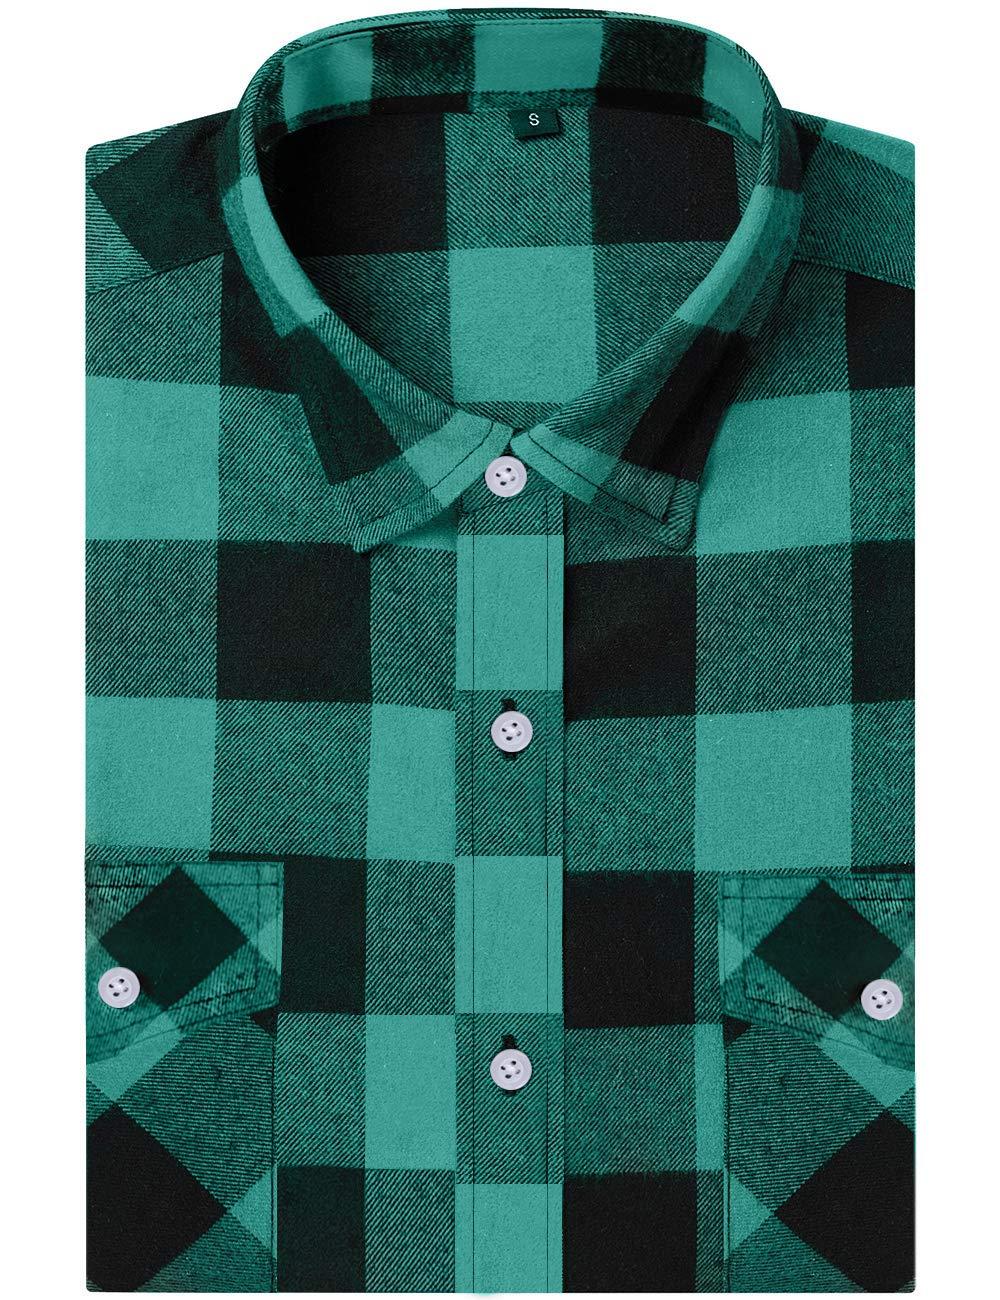 DOKKIA Vardaglig flanellskjorta rutig toppar långärmad buffel pläd arbete klänning blusar jacka Green Black Buffalo